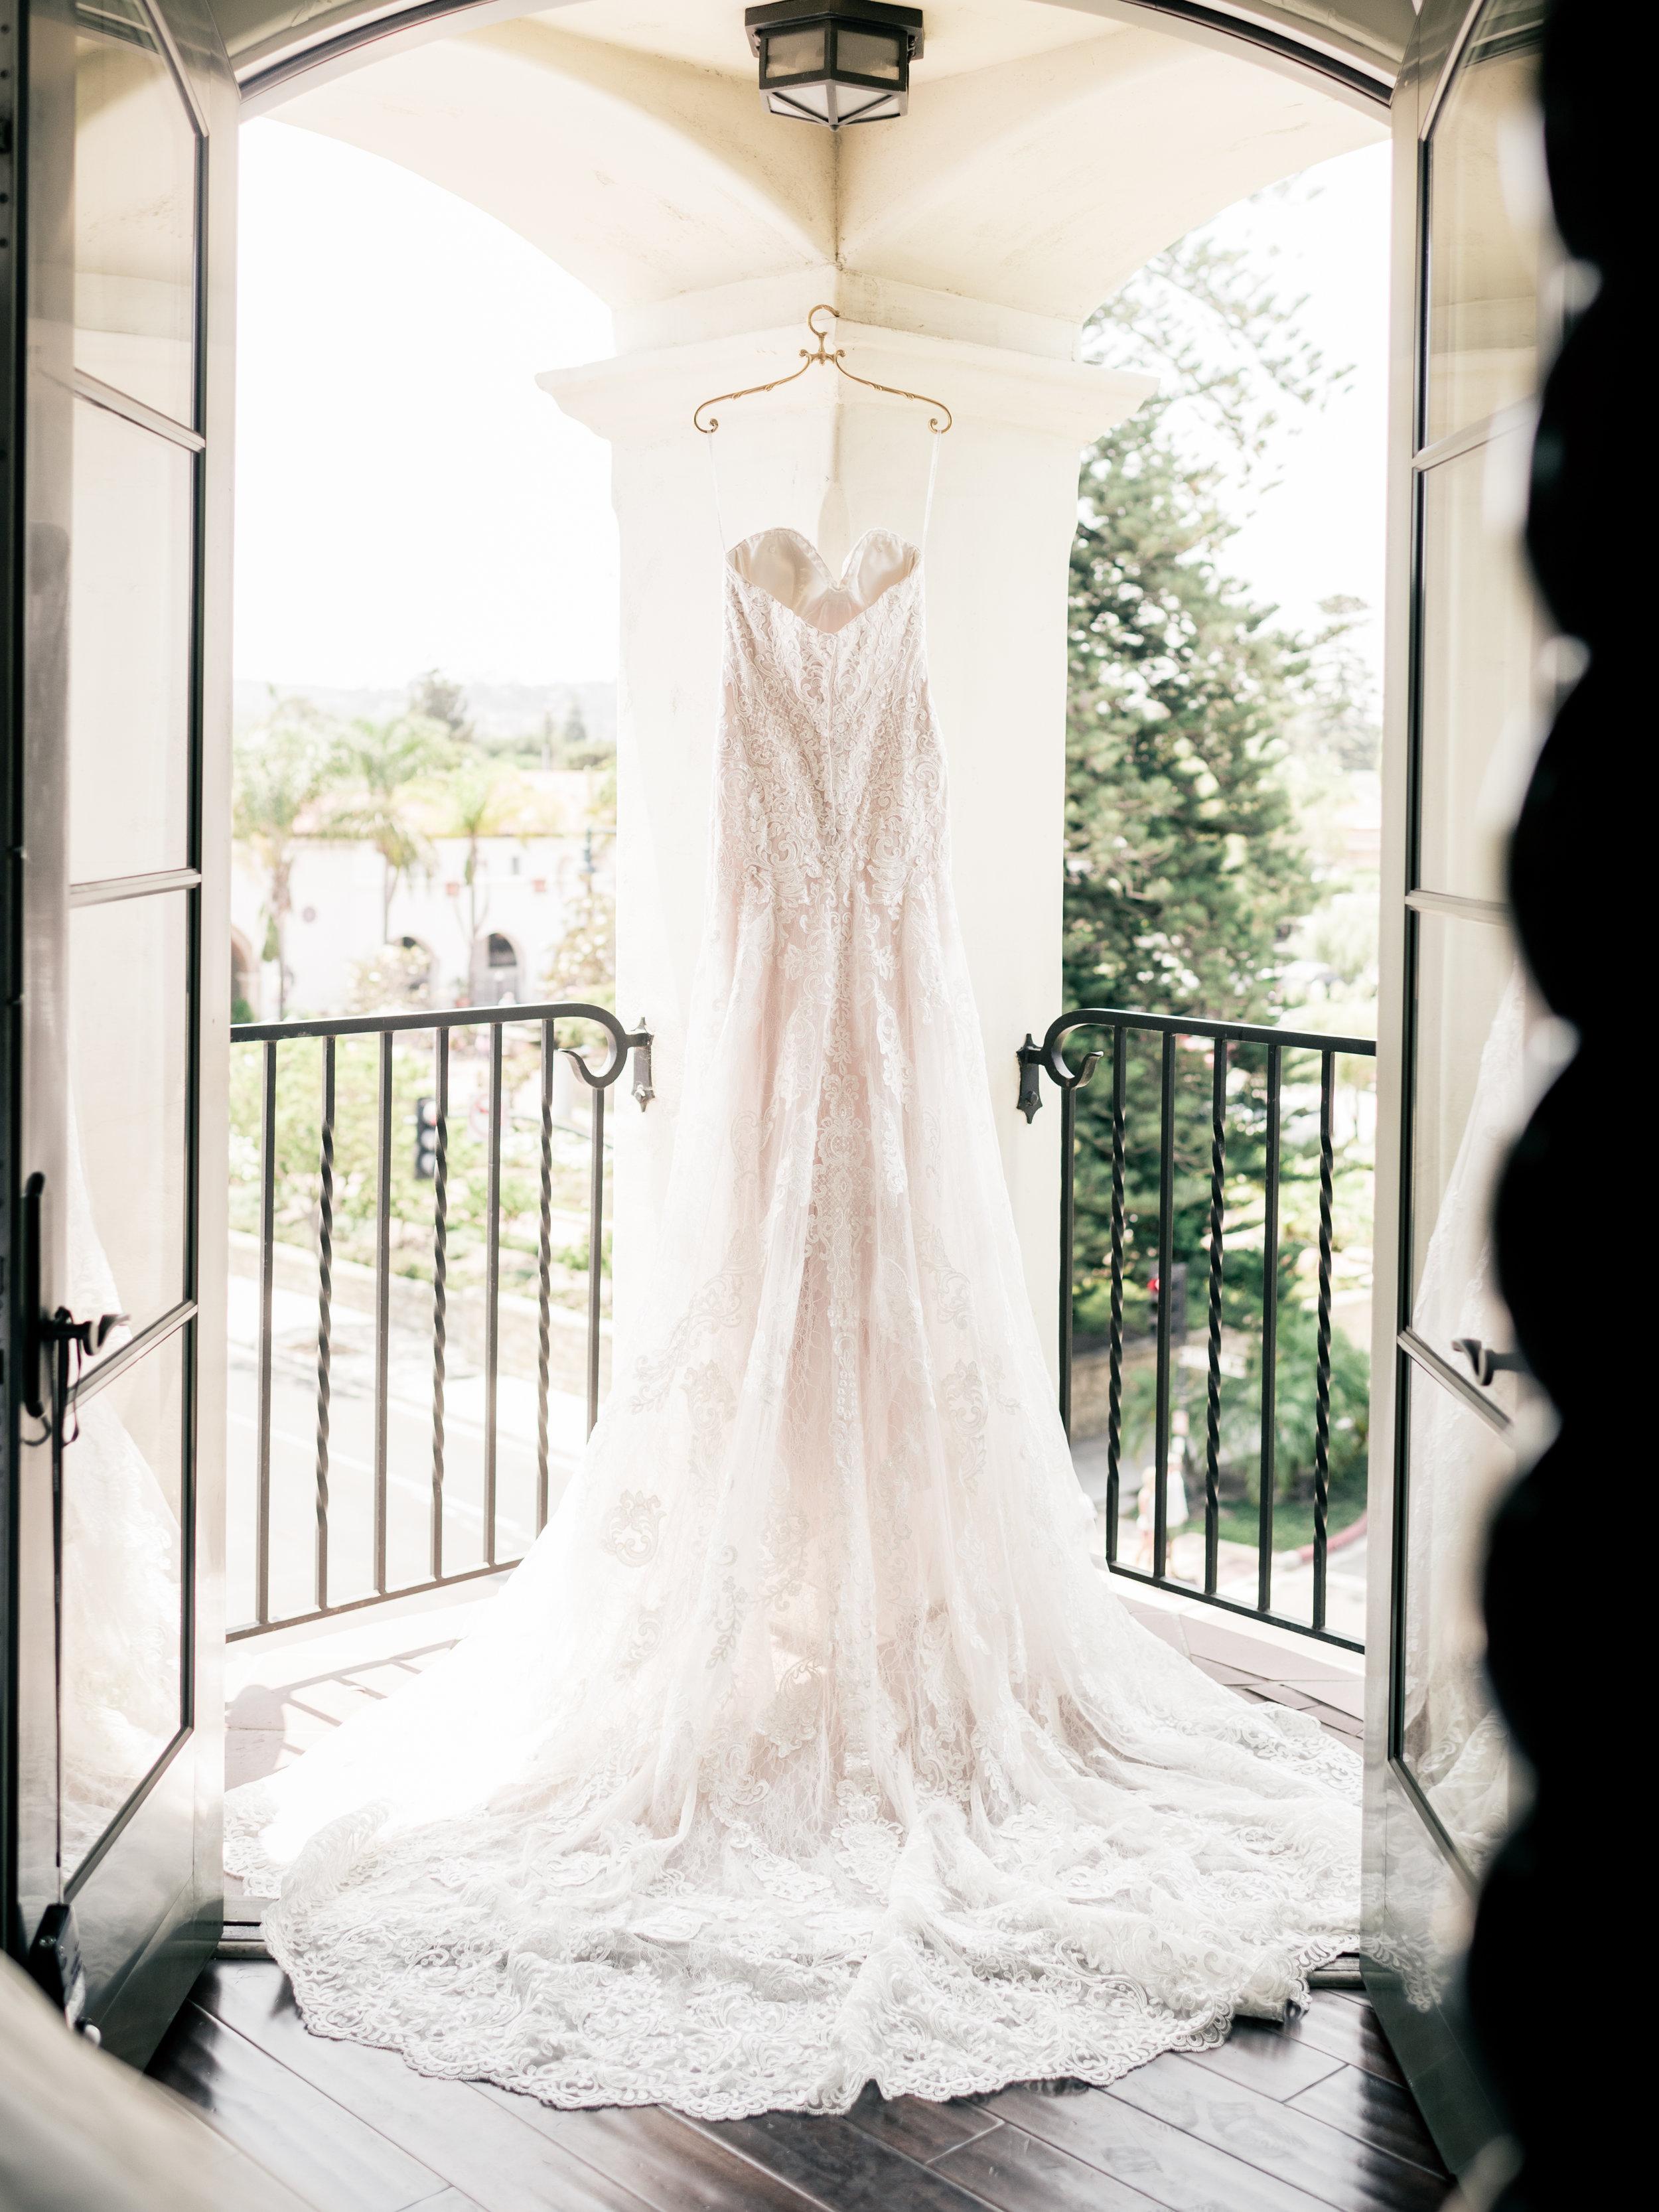 www.santabarbarawedding.com   El Presidio   Santa Barbara Club   Taralynn Lawton   Wedding Dress